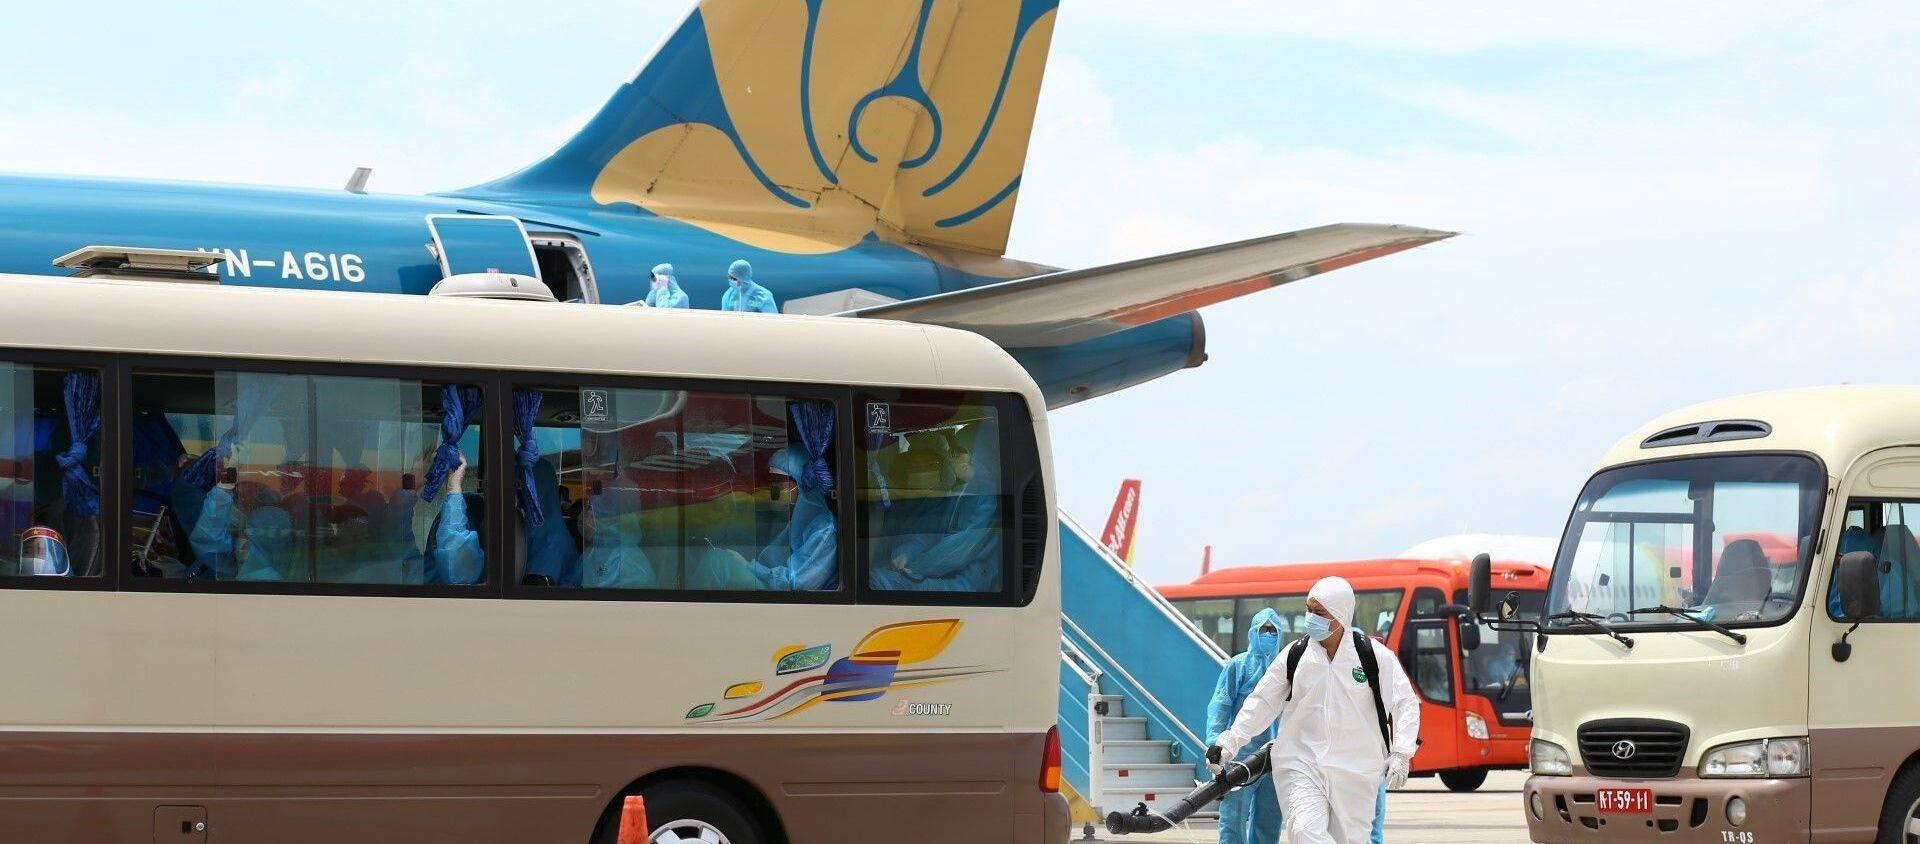 Trong ảnh: Quy trình tiếp nhận du khách từ Đà Nẵng về Hà Nội được thực hiện nghiêm ngặt, đầy đủ các khâu như đối với các chuyến bay khác từ vùng dịch ở nước ngoài về Việt Nam, đặc biệt là khâu phun khử khuẩn phương tiện, hành lý trước khi rời sân bay về khu cách ly. Ảnh: Minh Quyết - TTXVN - Sputnik Việt Nam, 1920, 11.09.2020